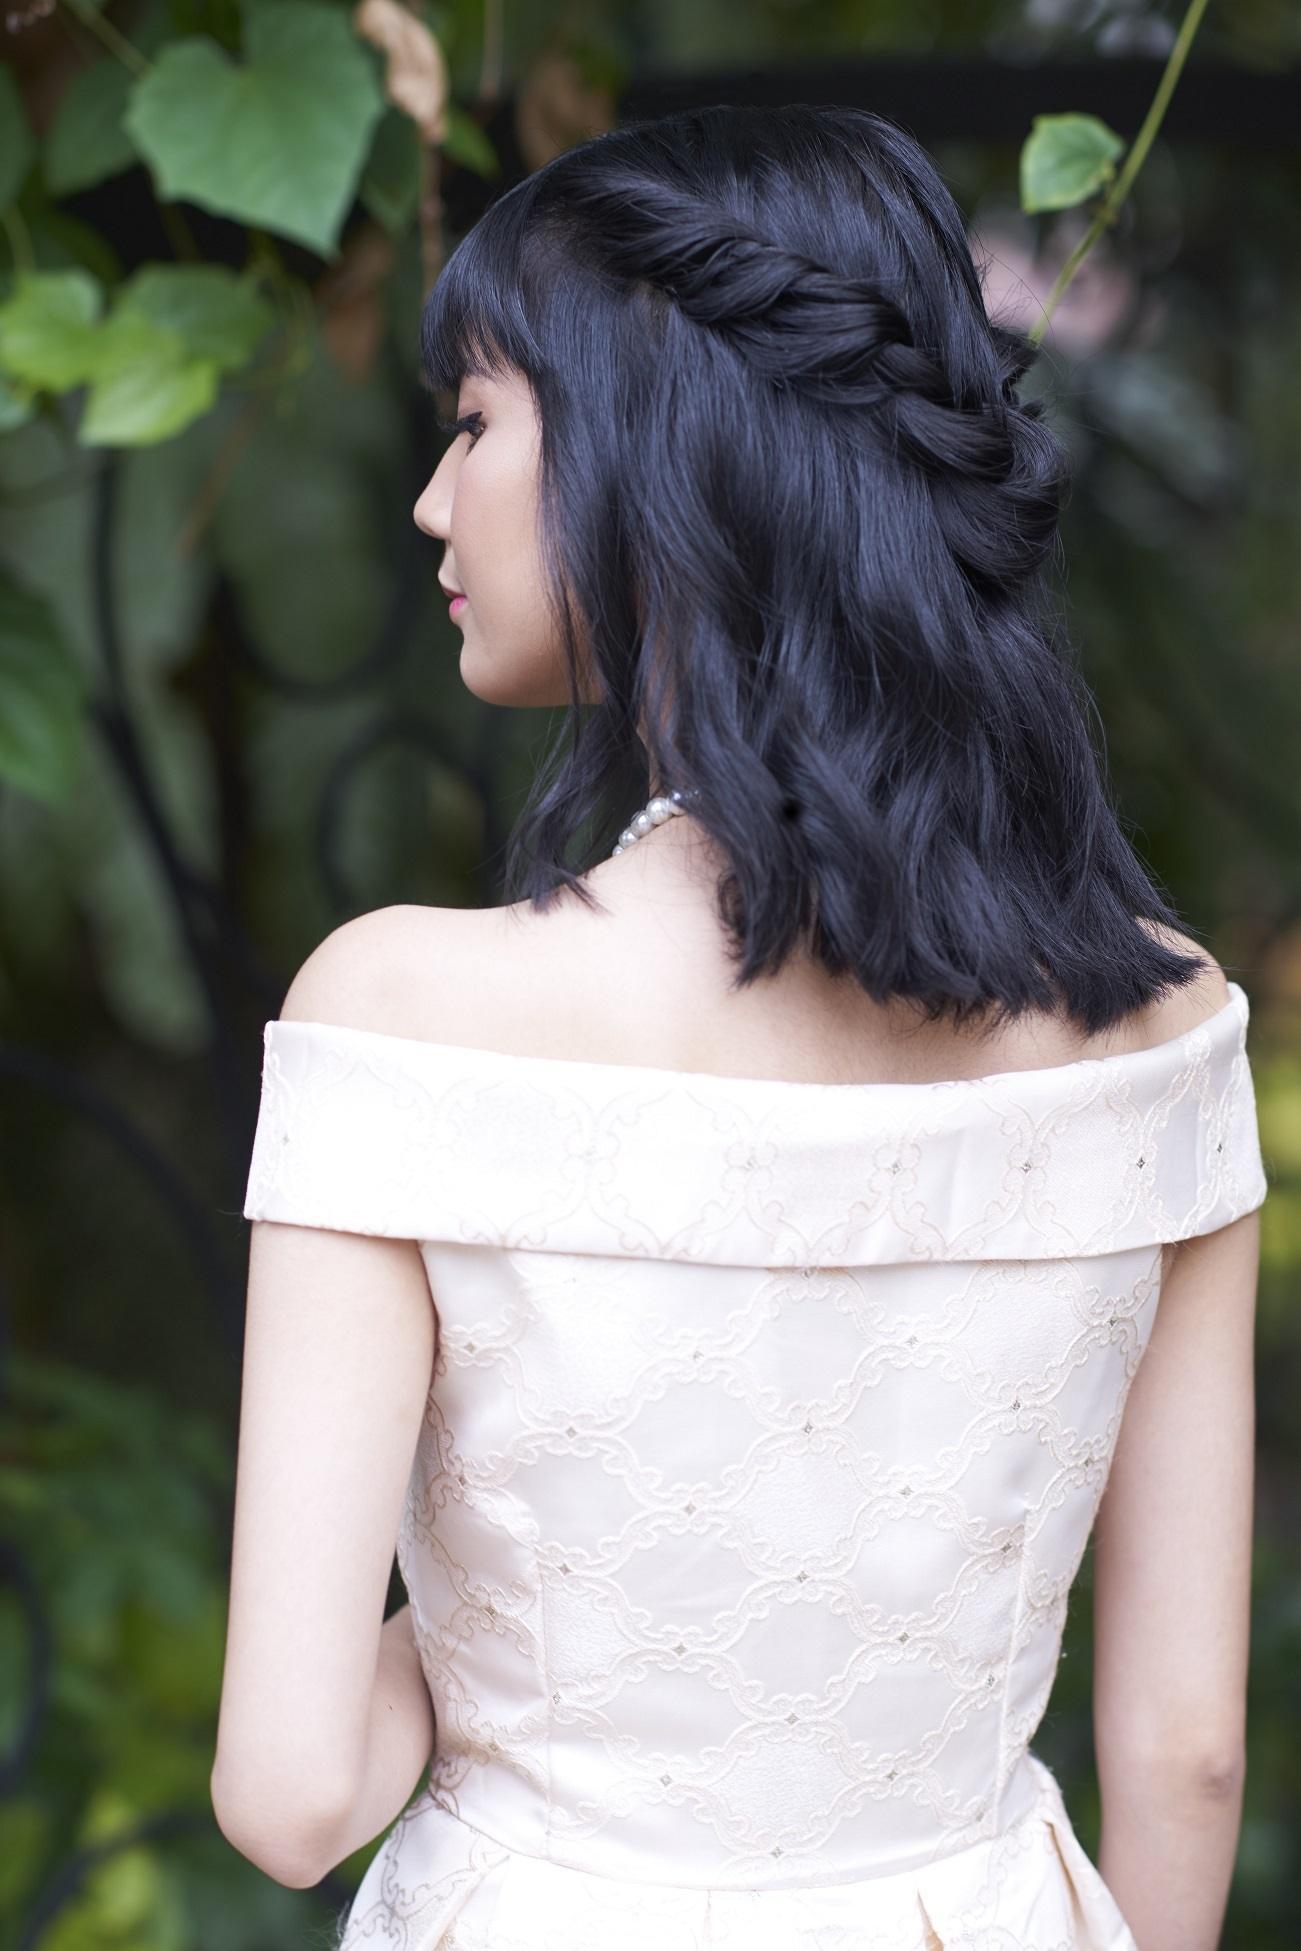 wanita asia dengan model rambut kepang Twisted Crown Braid